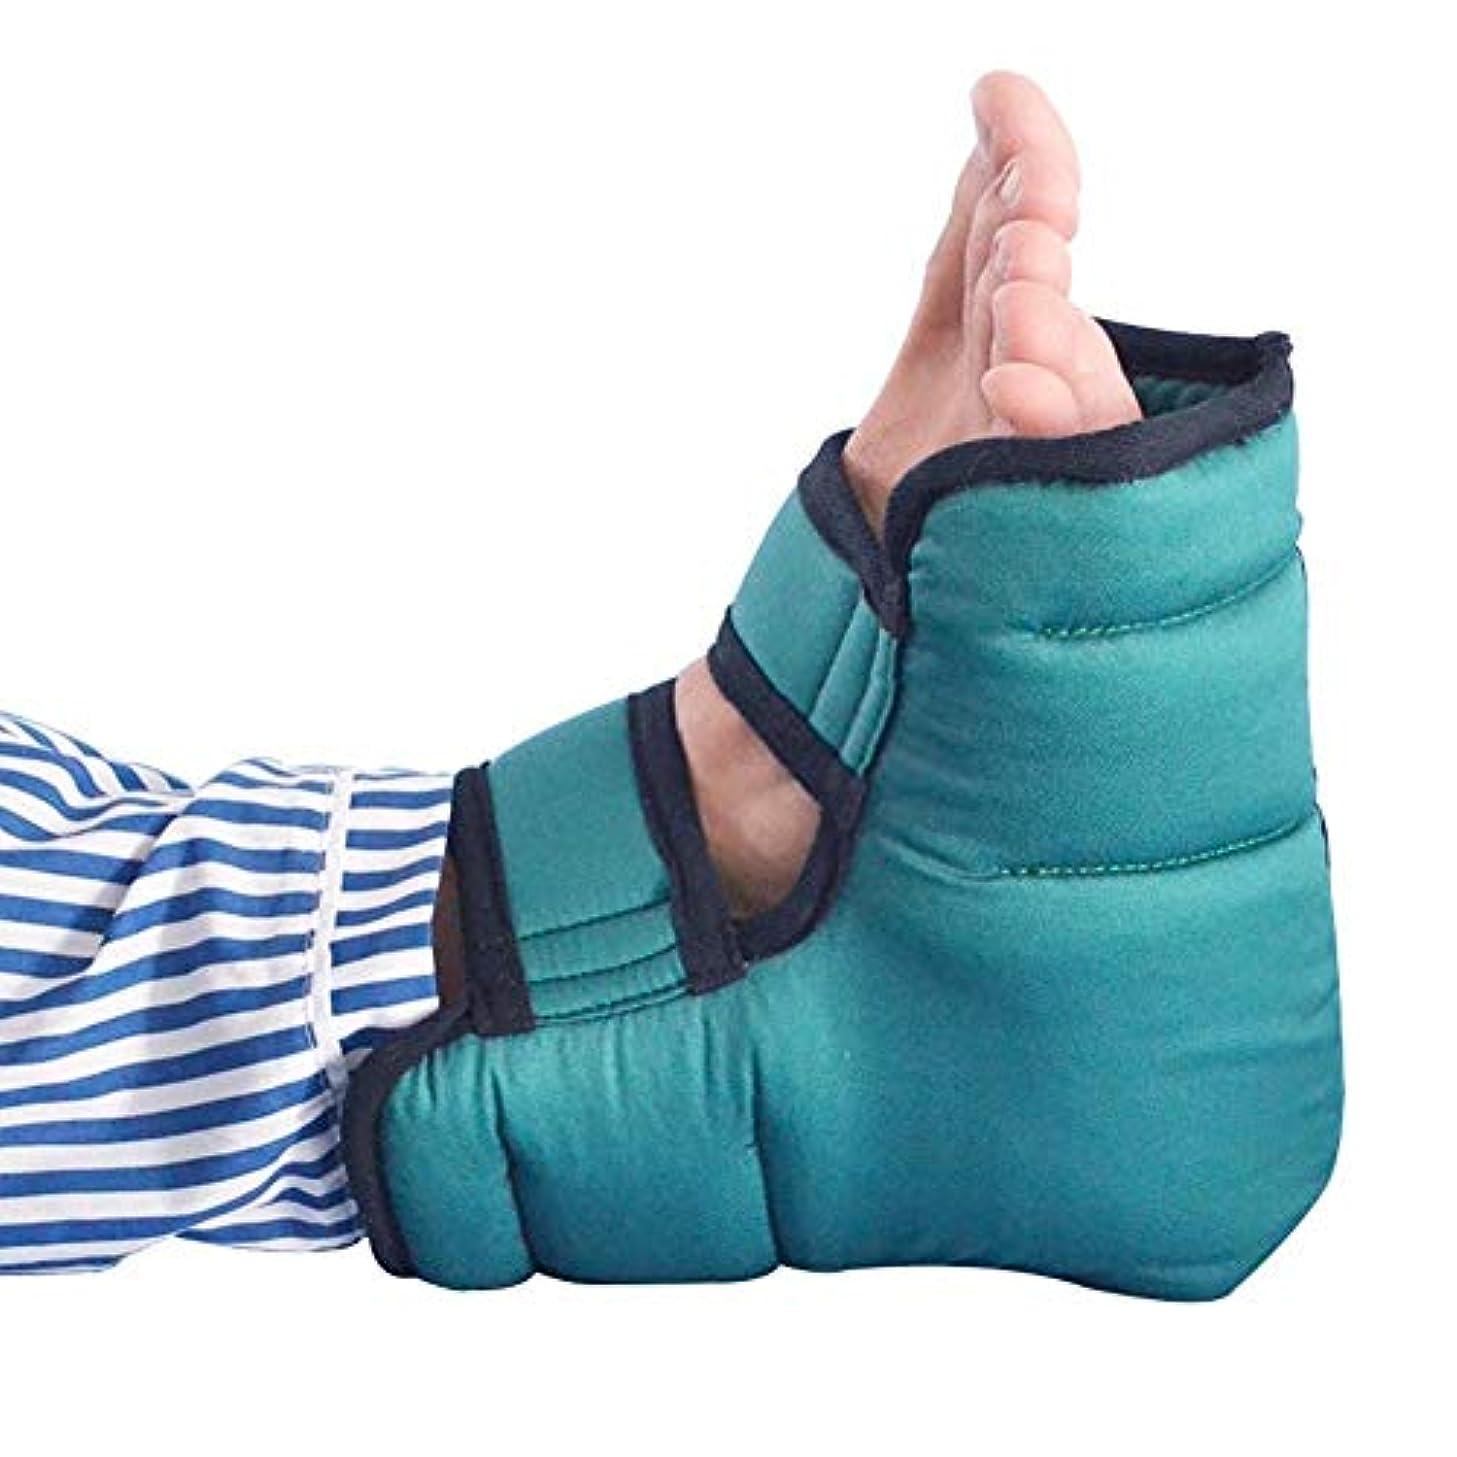 誇張虚弱吸収剤褥瘡防止綿通気性ヒールクッション、圧力緩和ヒールプロテクター、ヒール保護、1ペア、24×23 cm